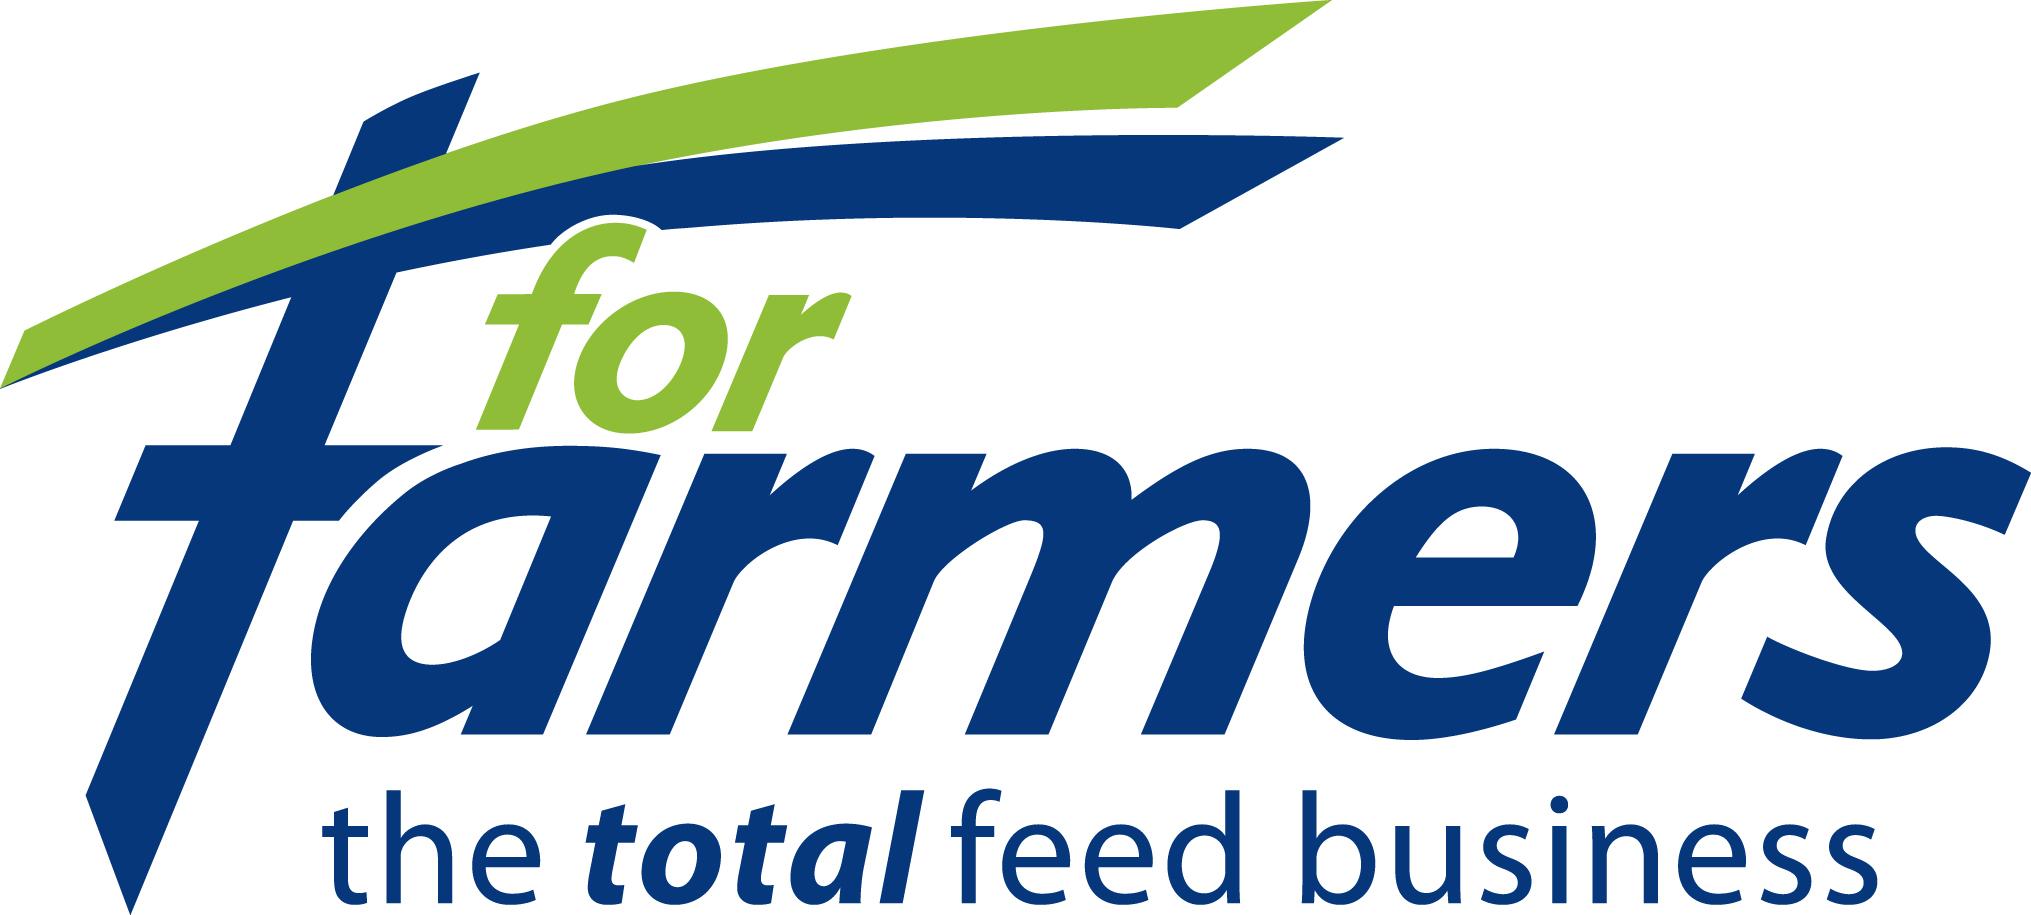 ForFarmers-logo-hires